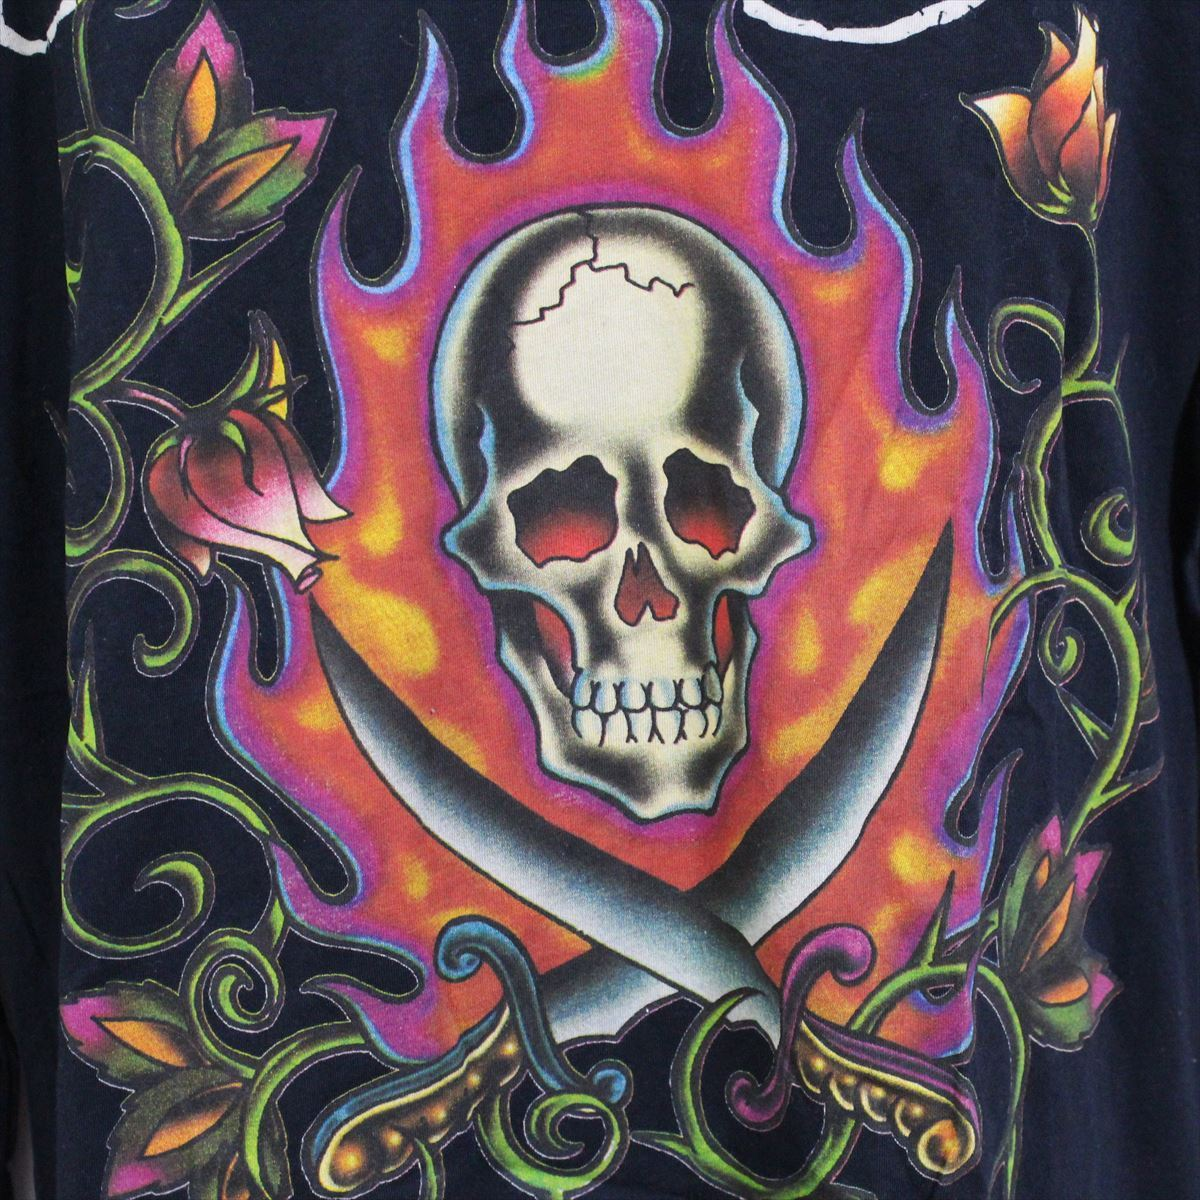 エドハーディー ED HARDY メンズ長袖Tシャツ ブラック Lサイズ M03GTC303 新品 Vネック 黒_画像2